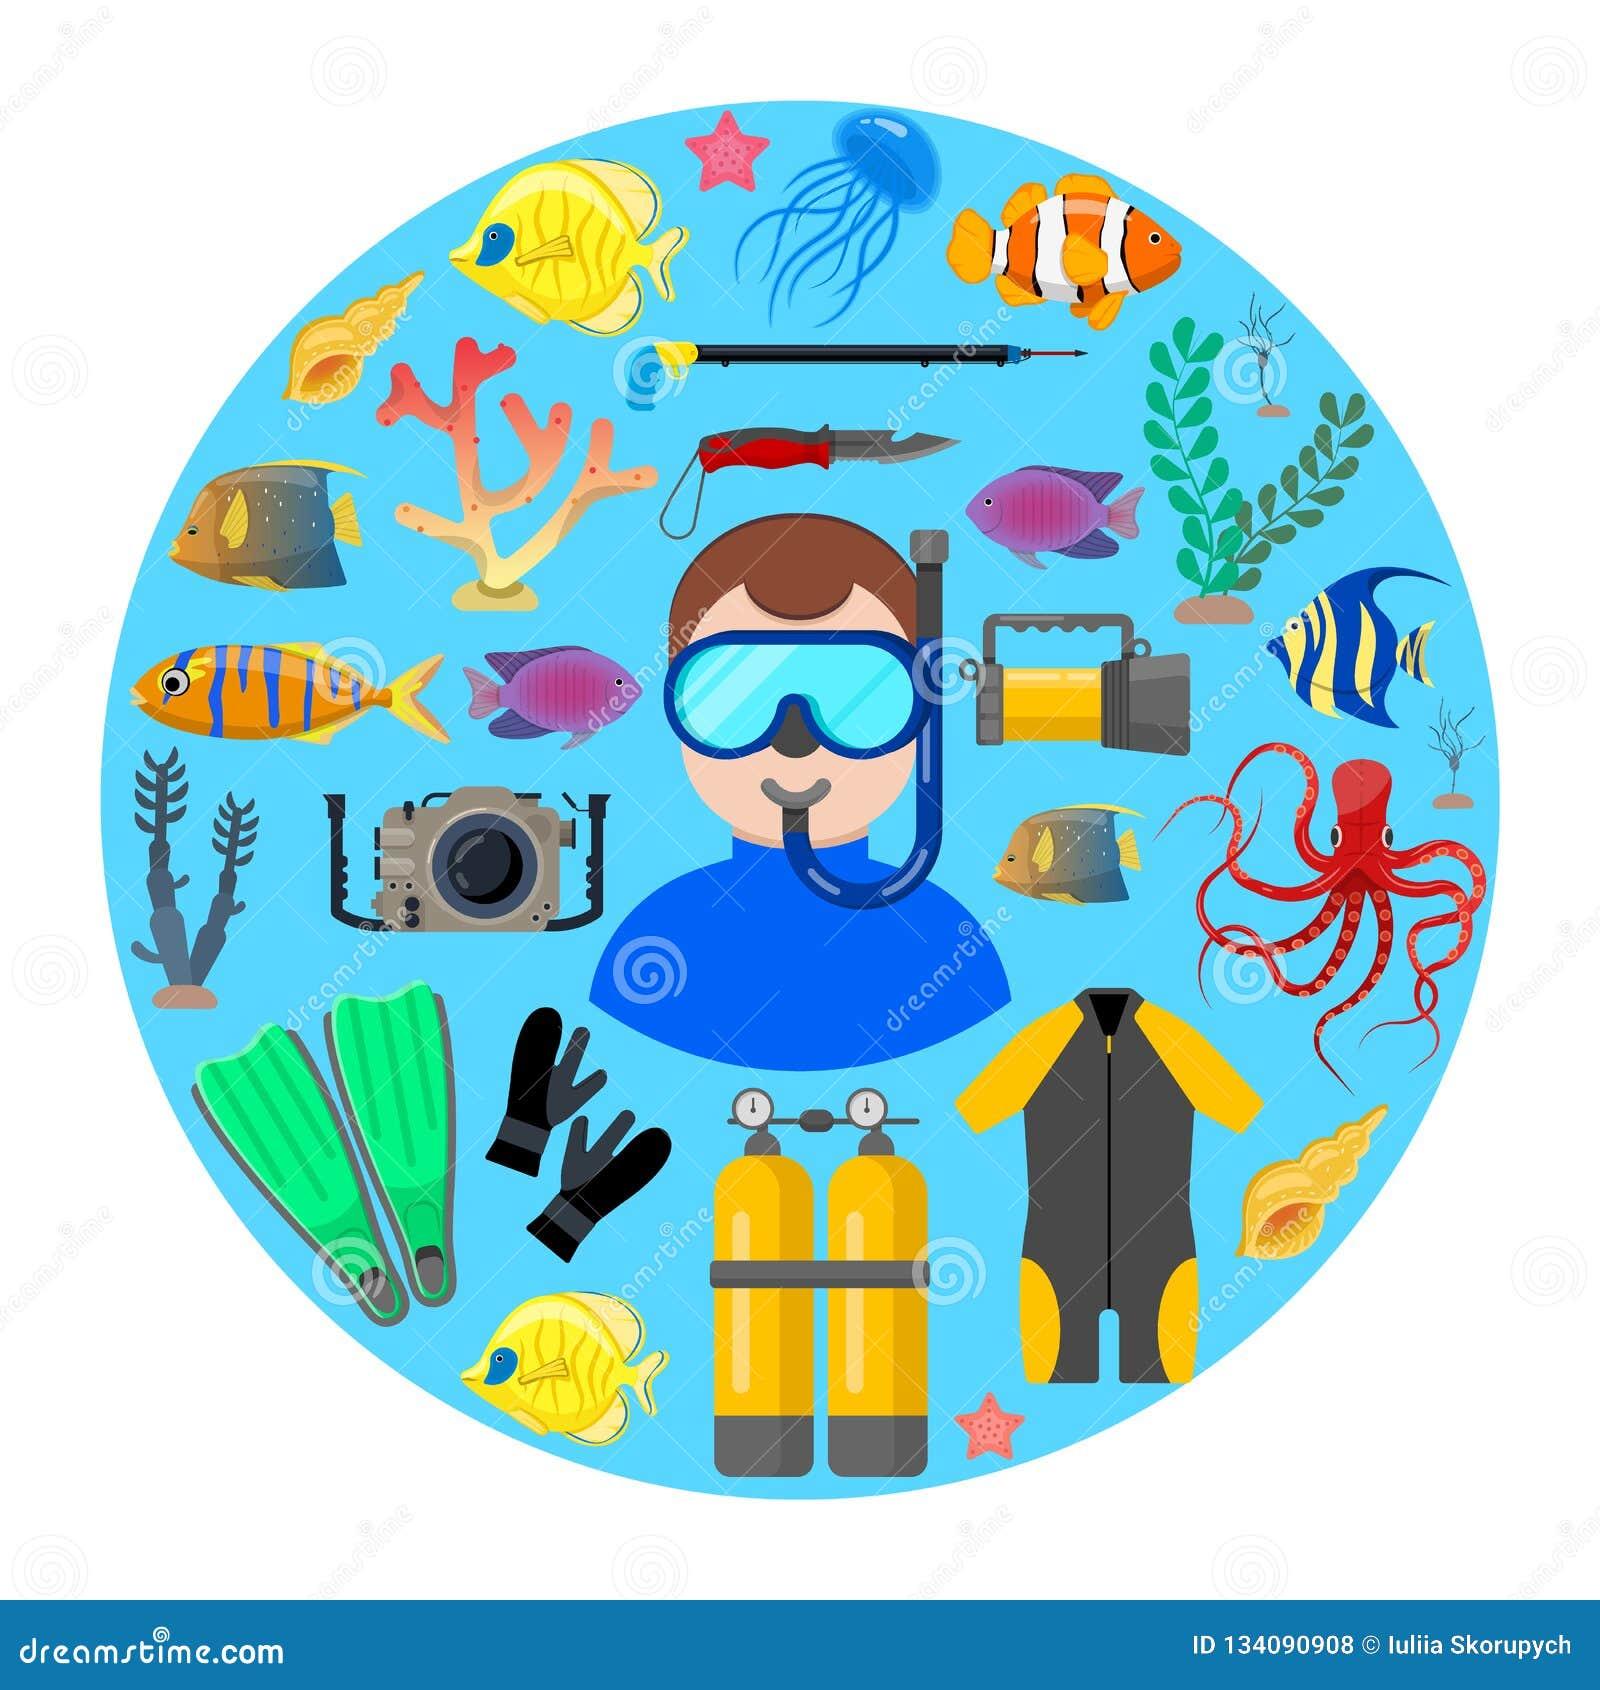 Duiker met duikuitrusting